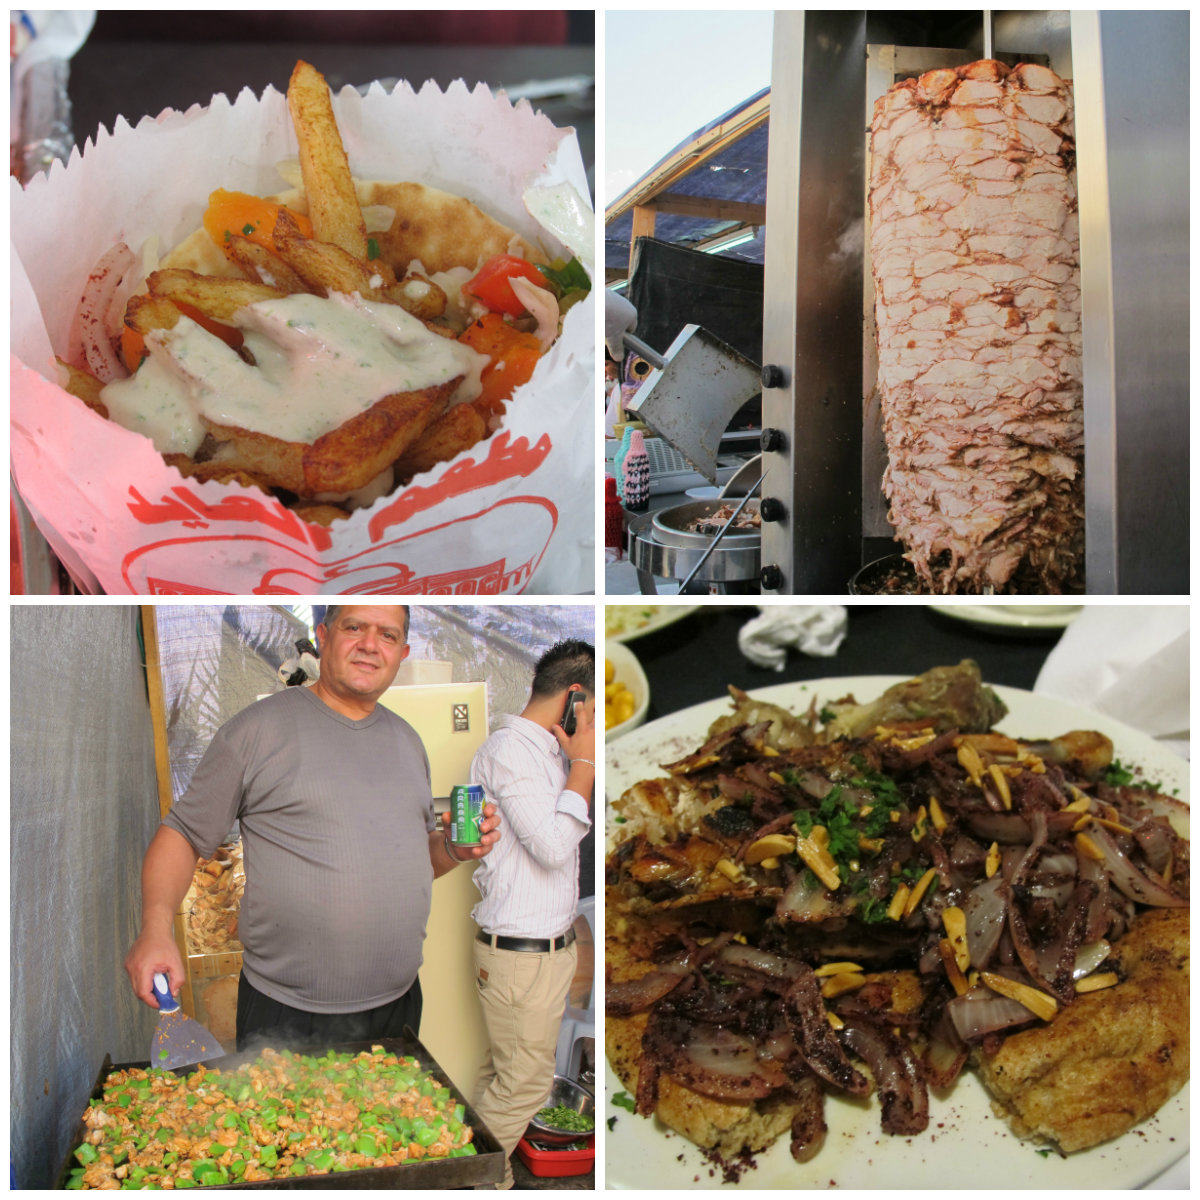 Food in Israel Palestine